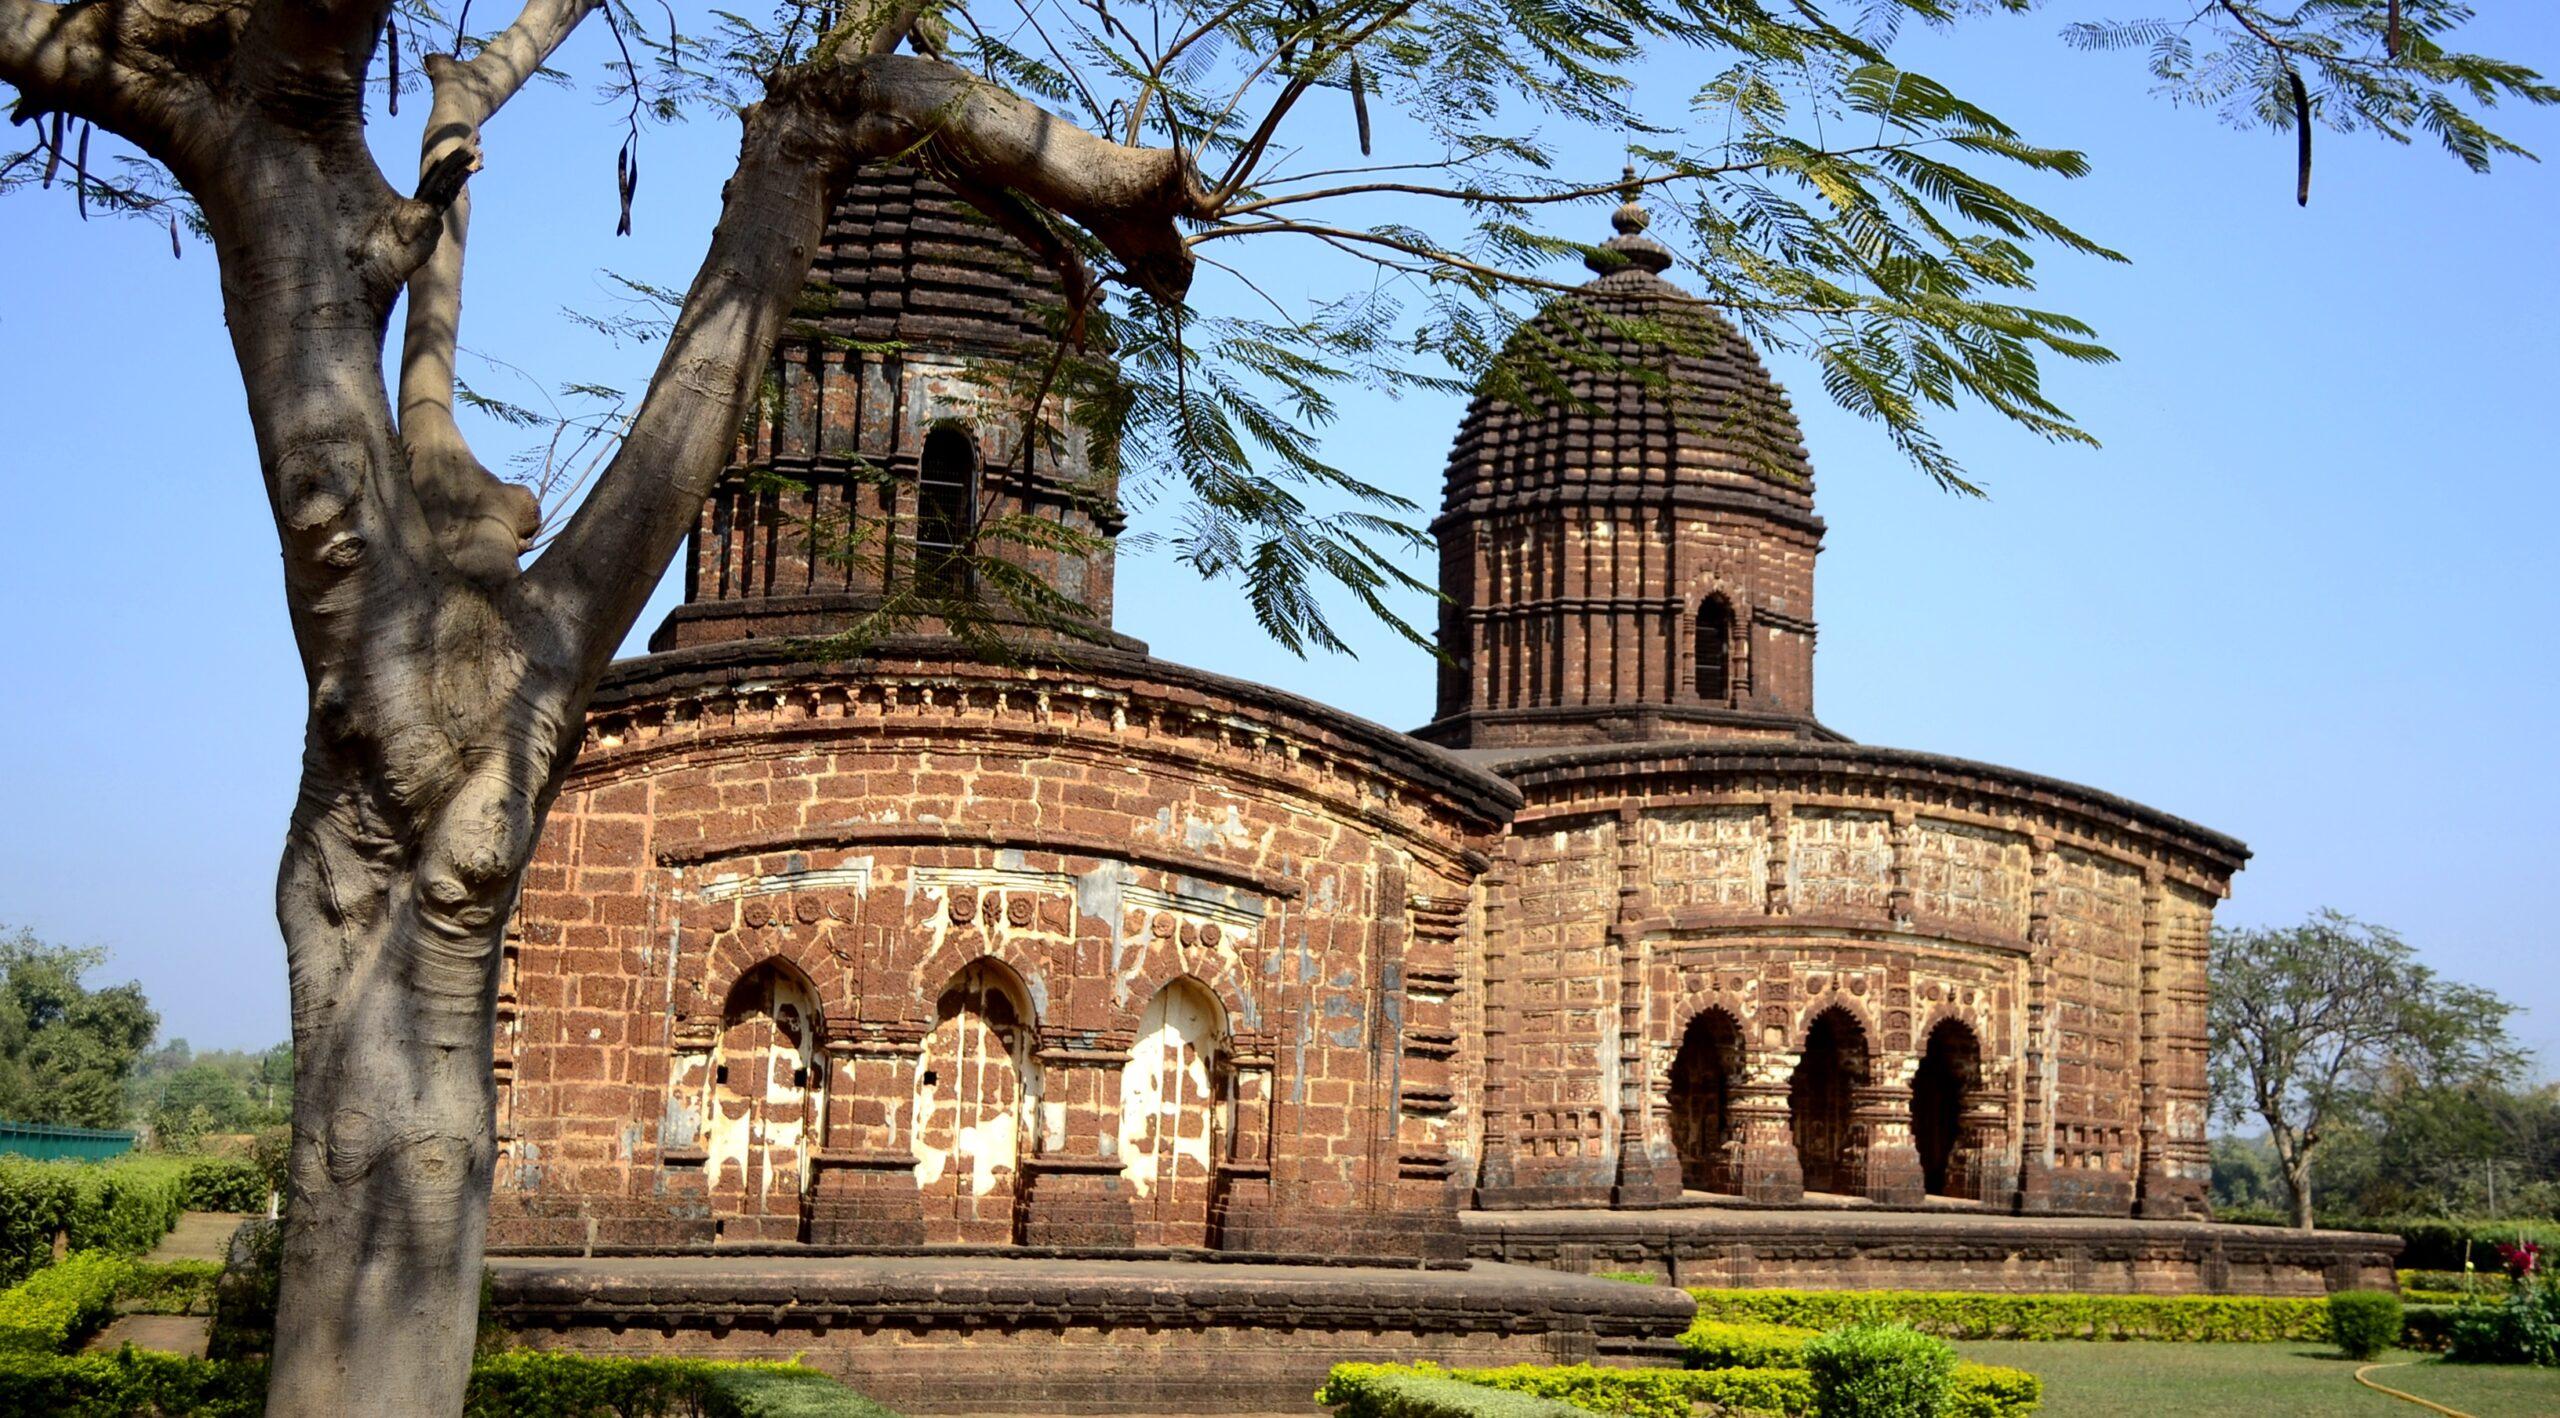 बिष्णुपुर के प्रसिद्ध मंदिरों की दास्तां